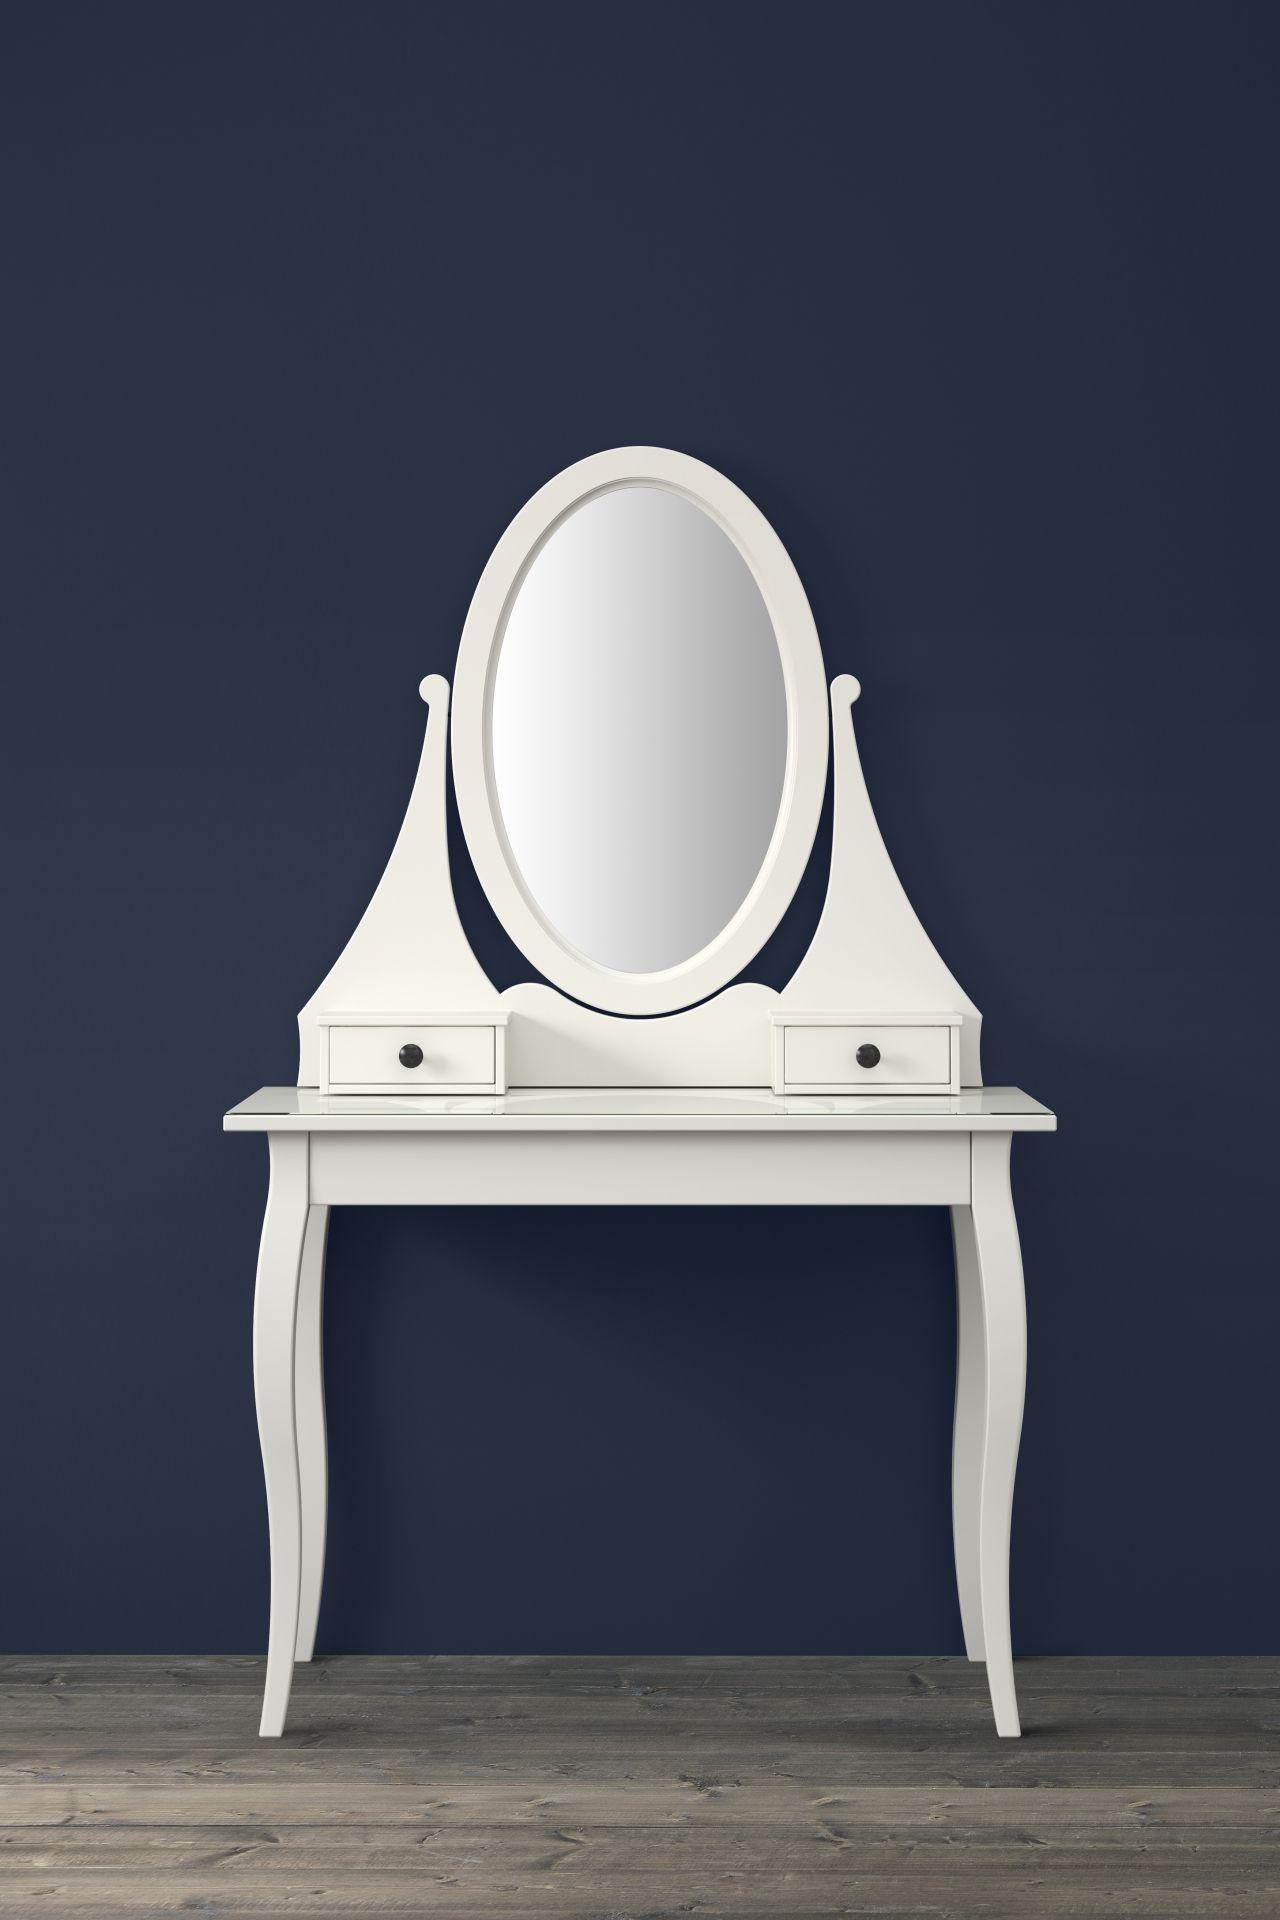 HEMNES Toilettafel met spiegel, wit | Pinterest | HEMNES, Vanities ...